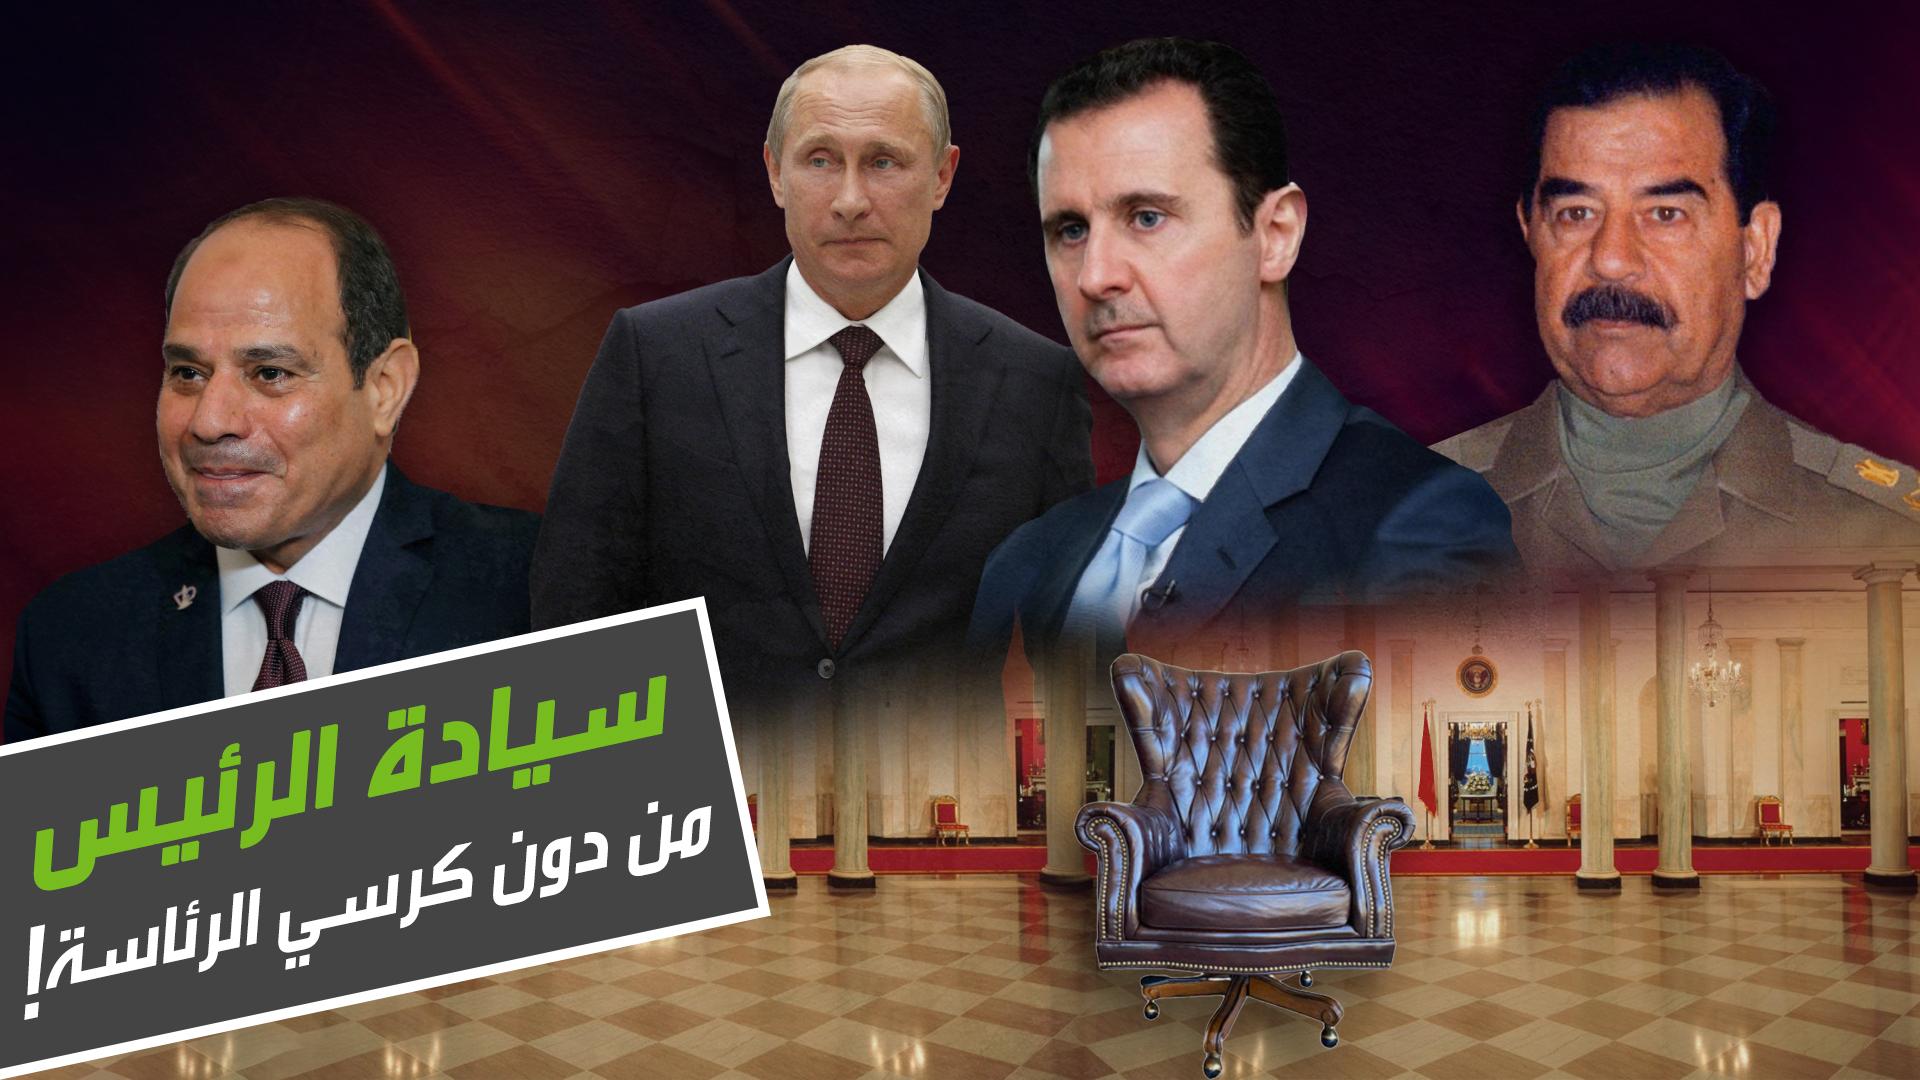 سيادة الرئيس.. من دون كرسي الرئاسة